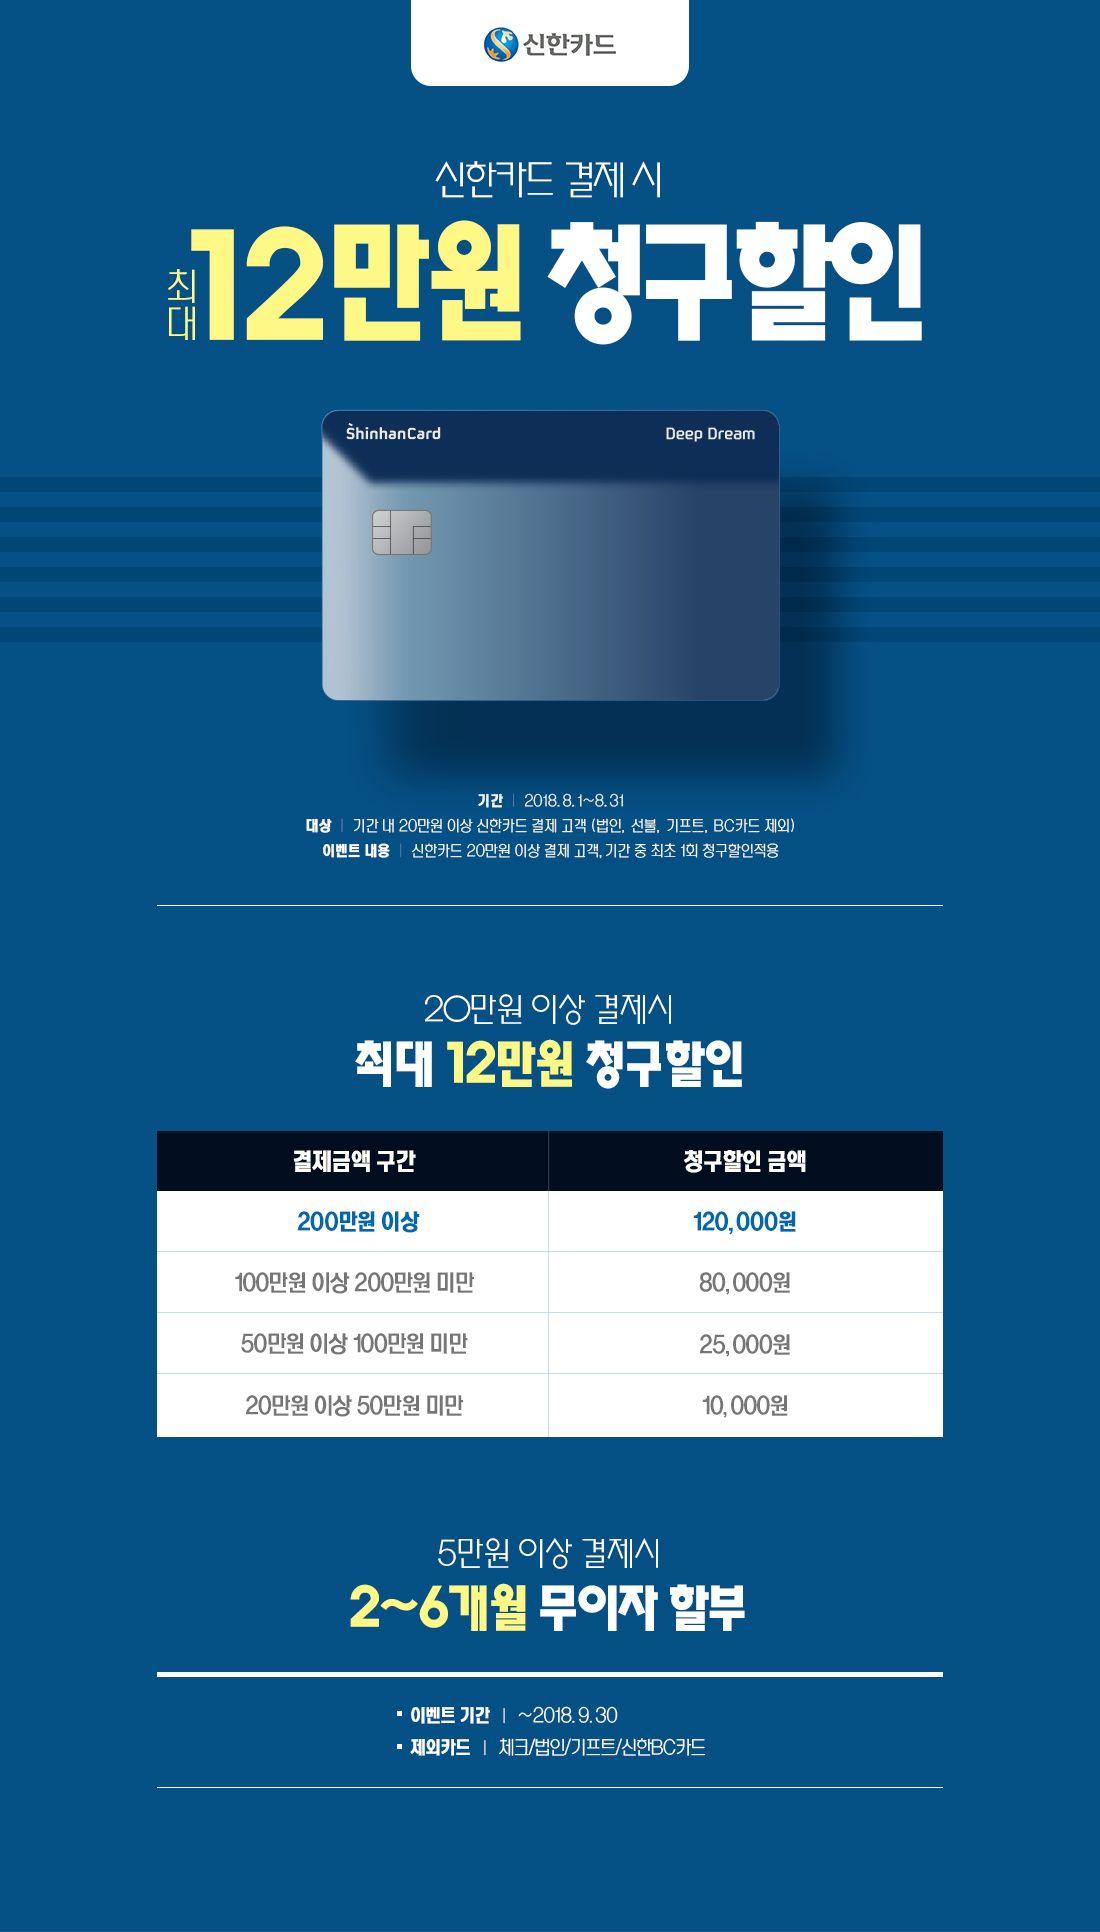 신한카드 청구할인 이벤트 이벤트 홈 프로모션 배너 웹디자인 현수막